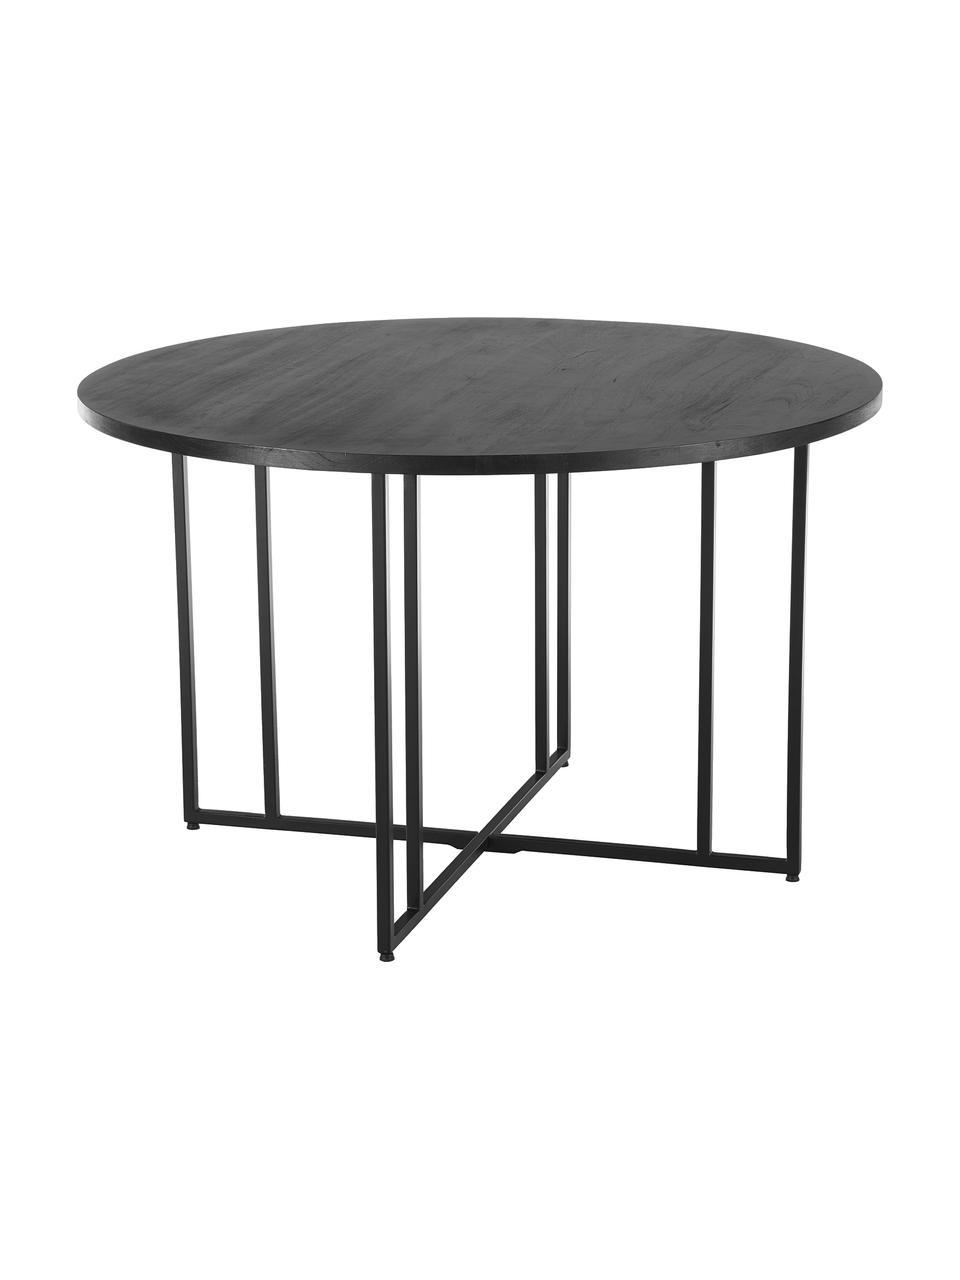 Table ronde bois massif Luca, Bois de manguier, noir laqué